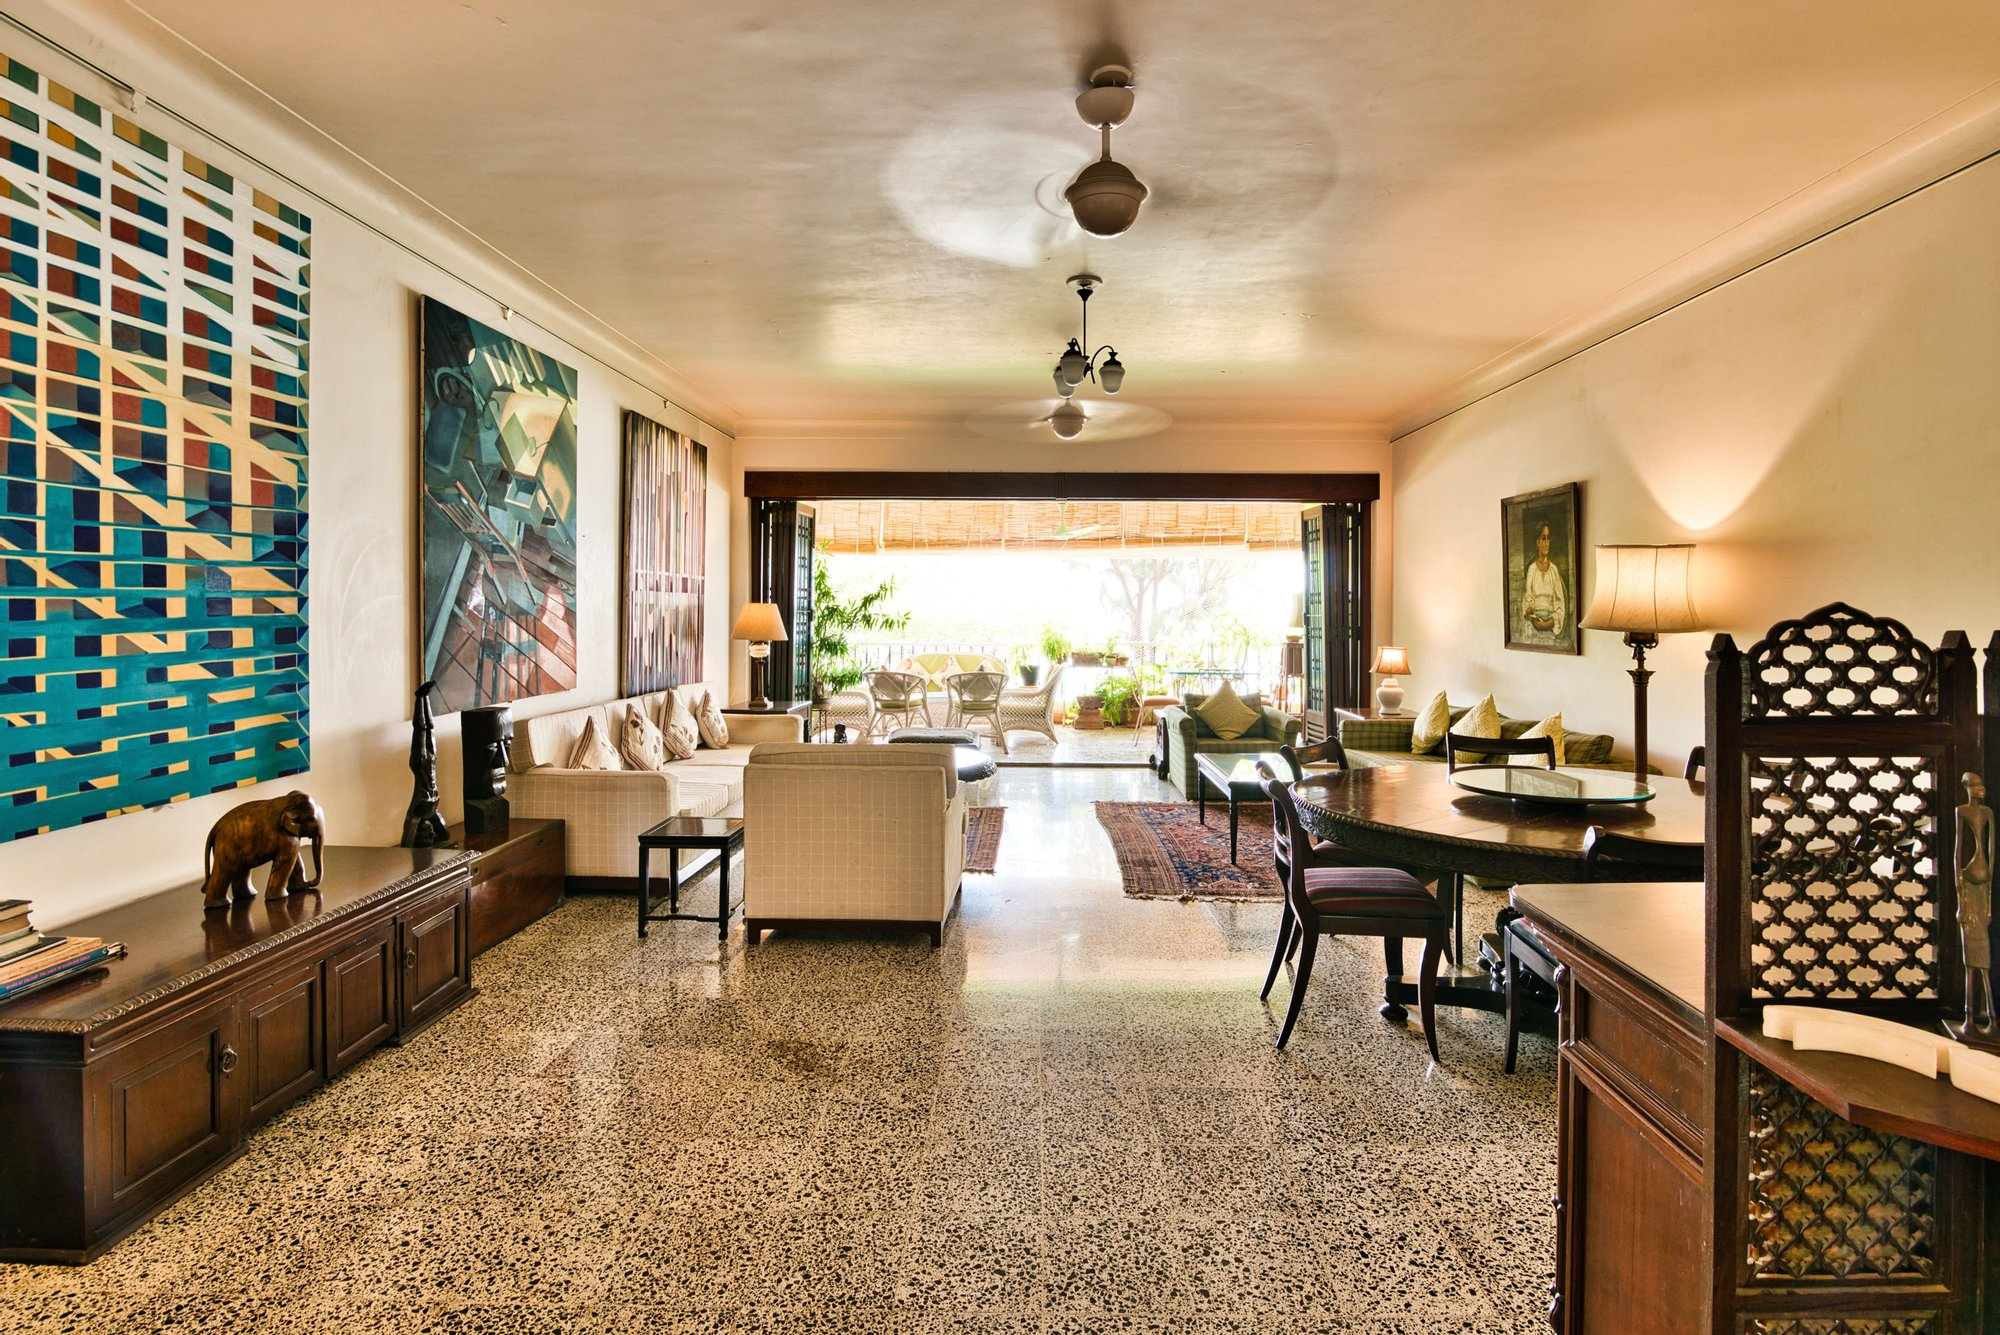 Apartment in Azad Nagar, Maharashtra, India 1